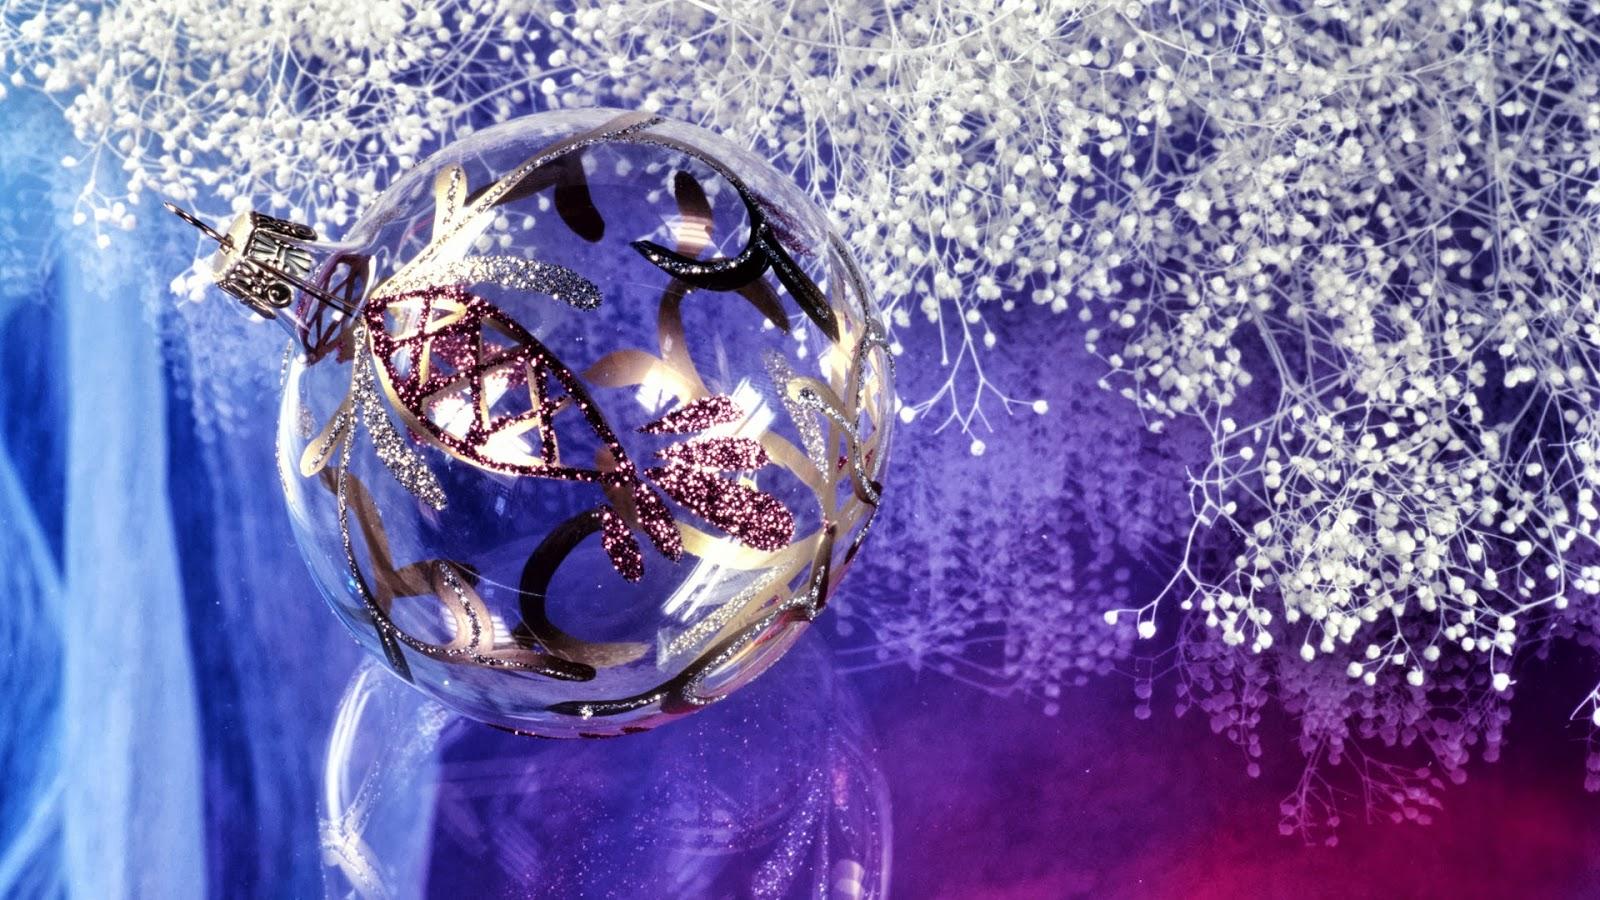 Fondos De Pantalla De Navidad: Fondos Hd: Fondo De Pantalla Navidad Bola Plateada